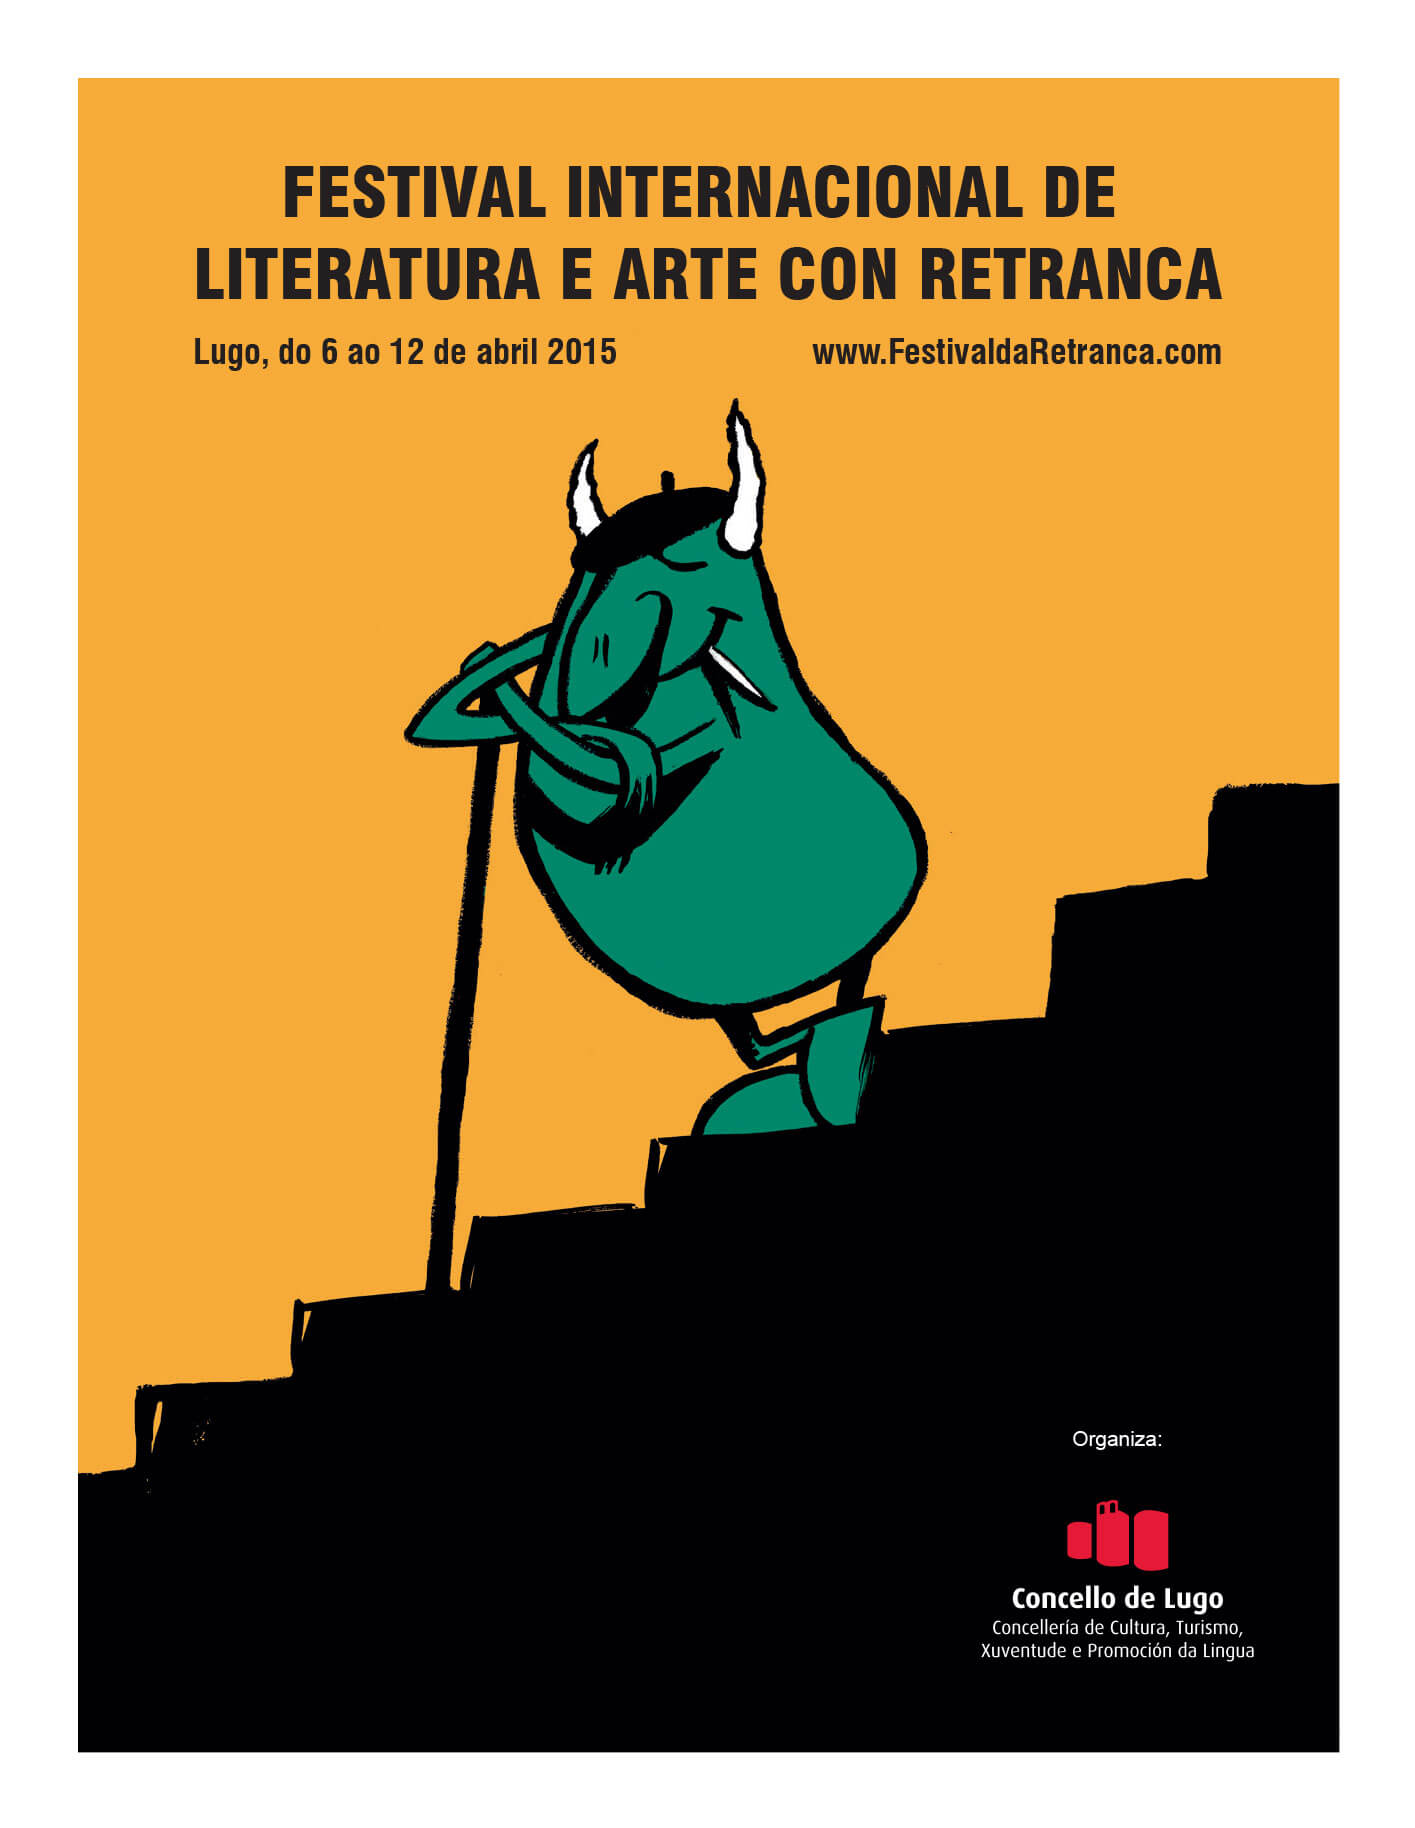 Lugo, espazo de innovación cultural